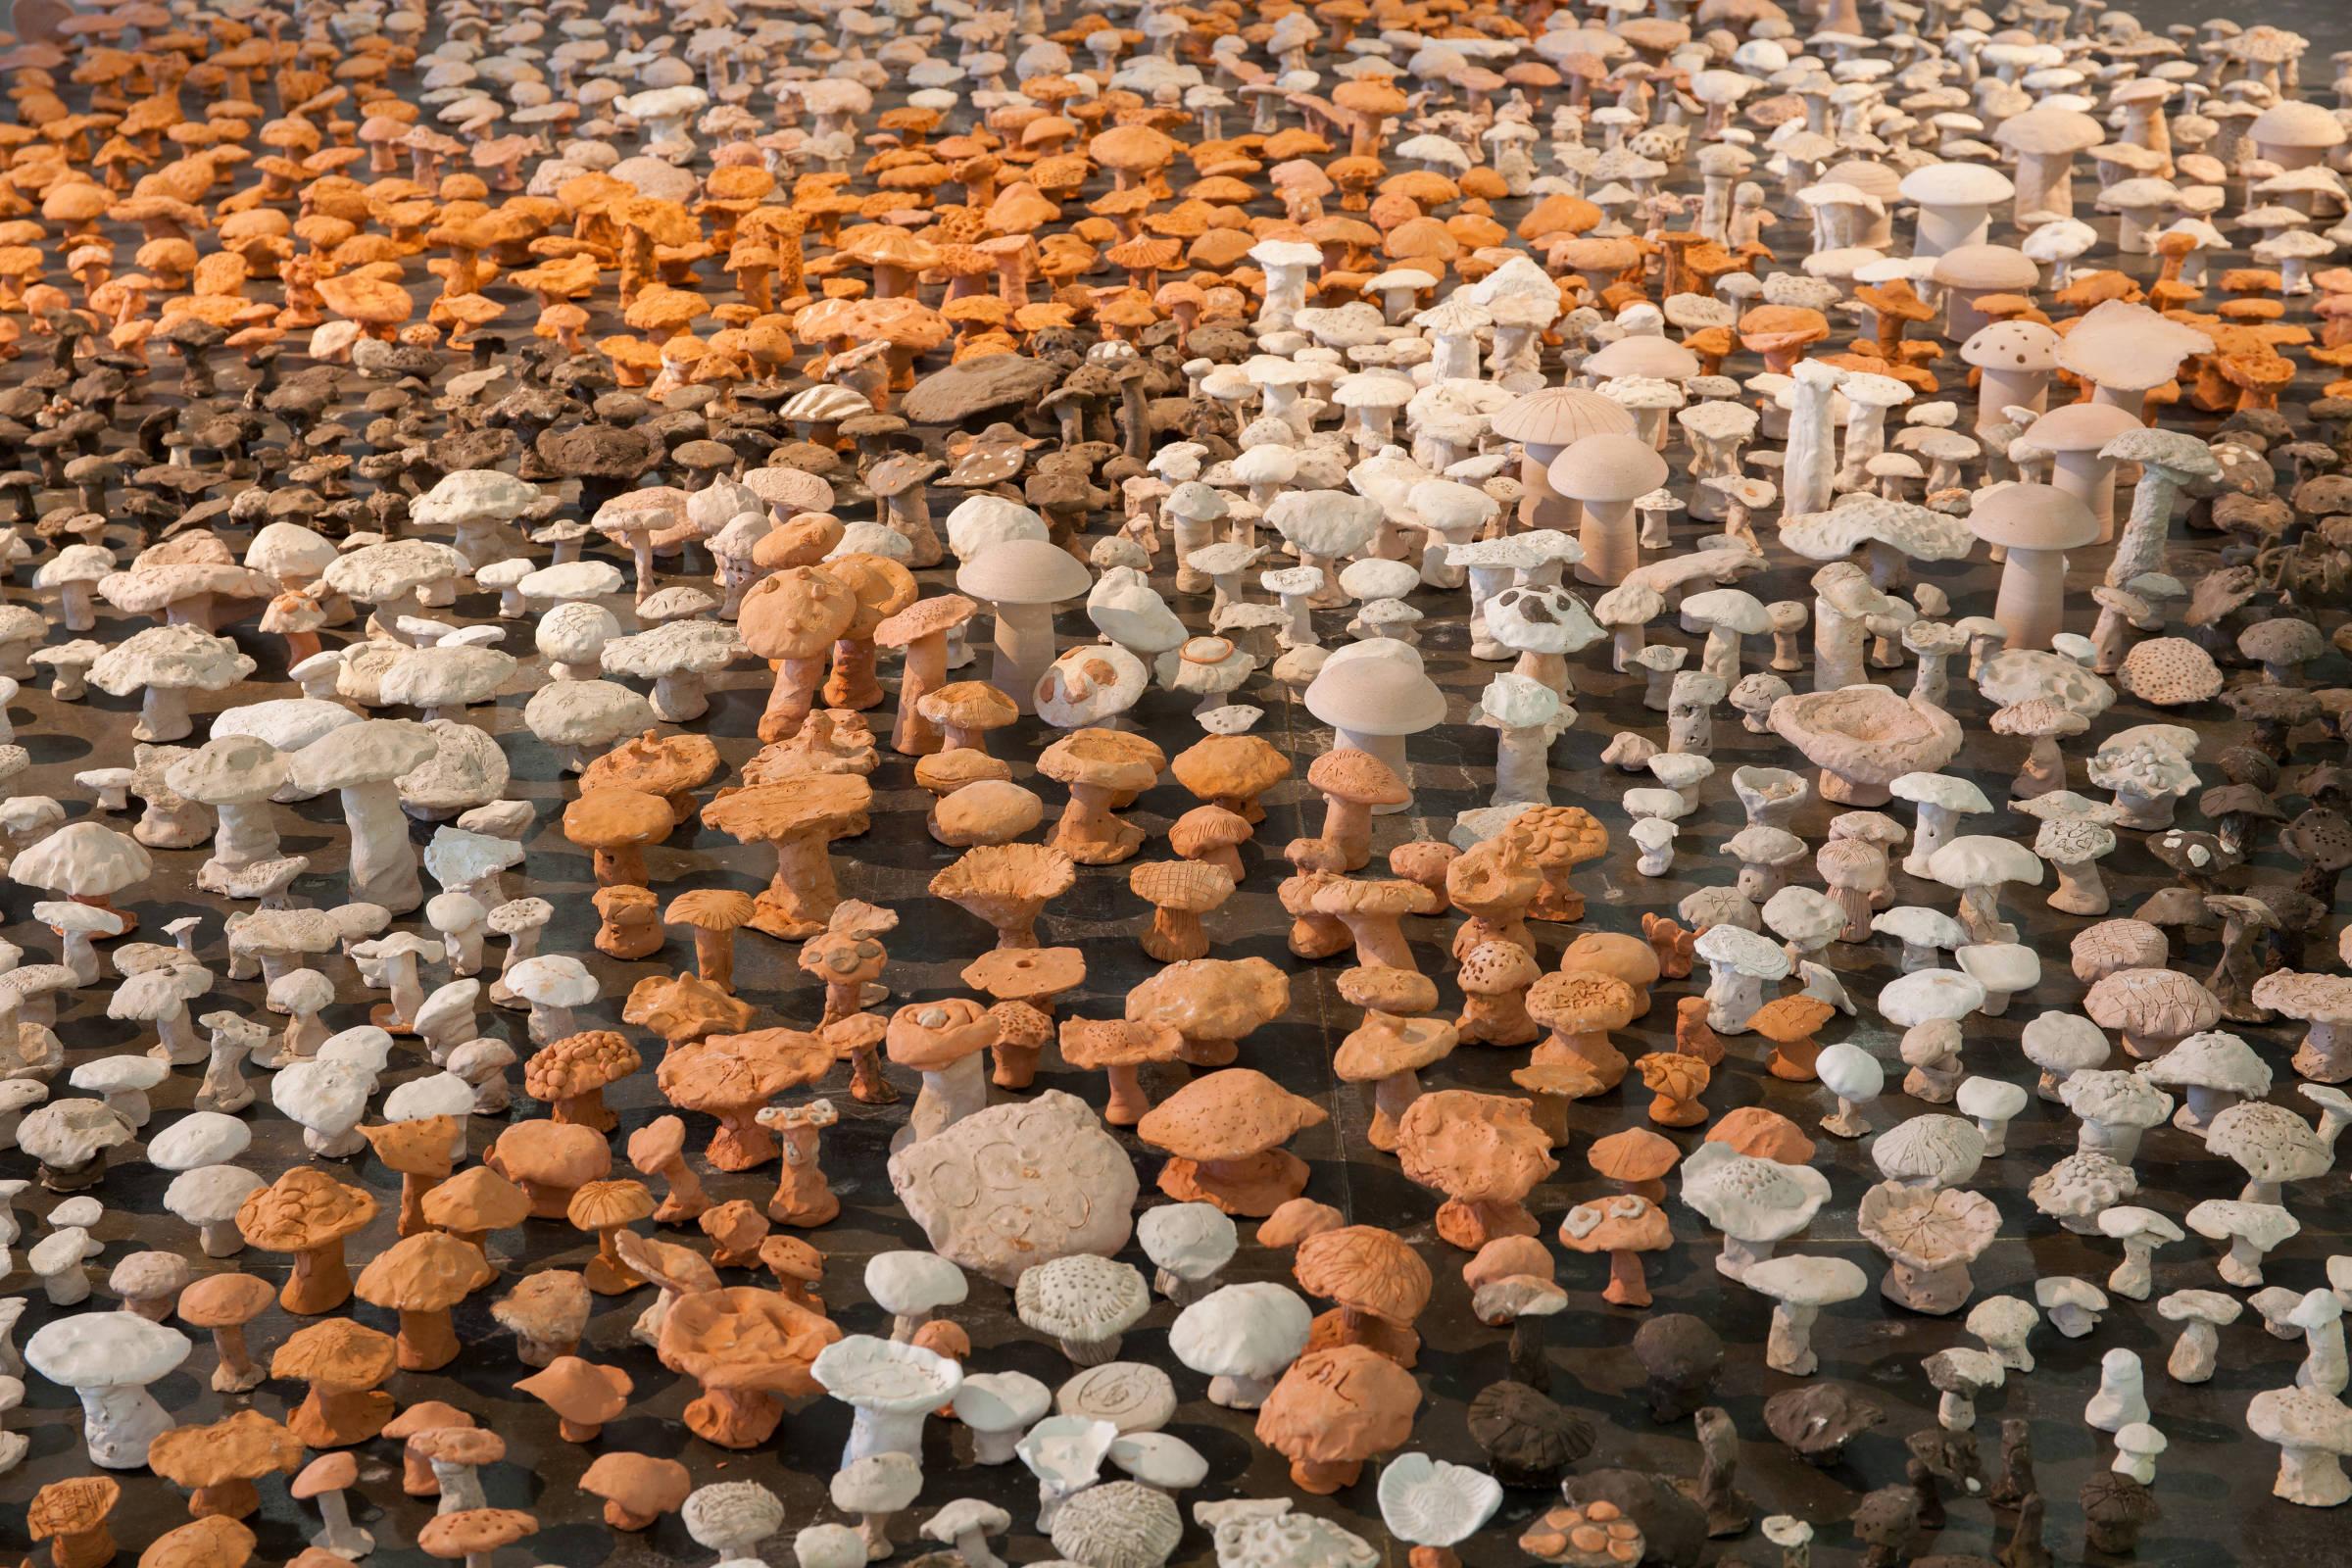 Cogumelos parte da instalação 'Vivam os Campos Livres', feitos por crianças de escolas de São Paulo e trabalhadores da Bienal (Tuca Fernandes/Folhapress)